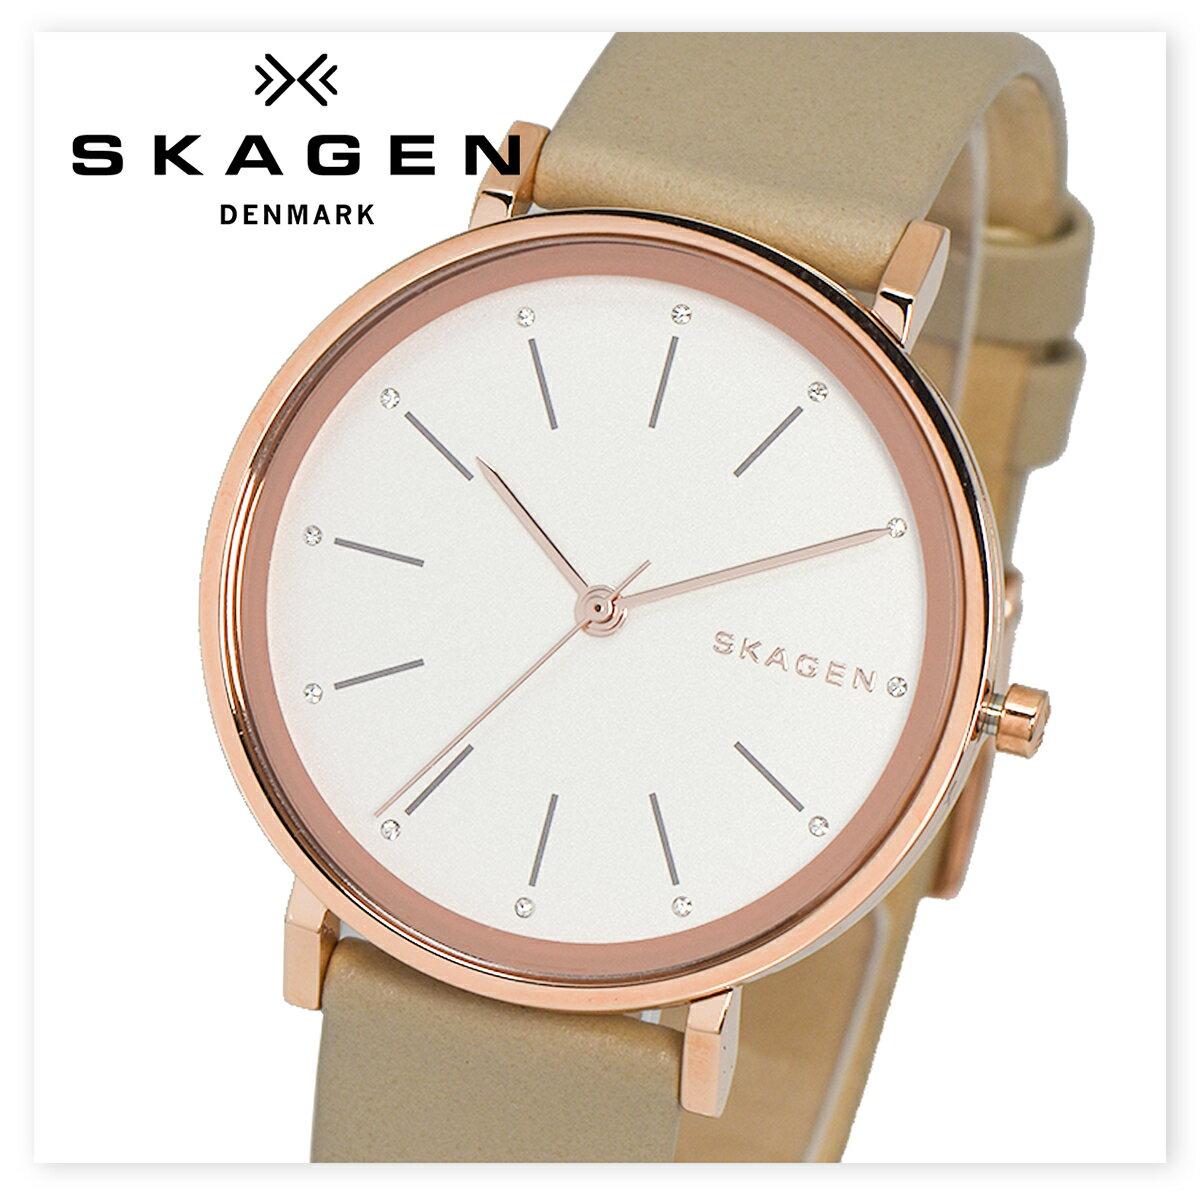 SKAGEN スカーゲン SKW2489 時計 腕時計 メンズ レディース ユニセックス 北欧 スリム プレゼント ギフト [海外正規商品][送料無料][あす楽]